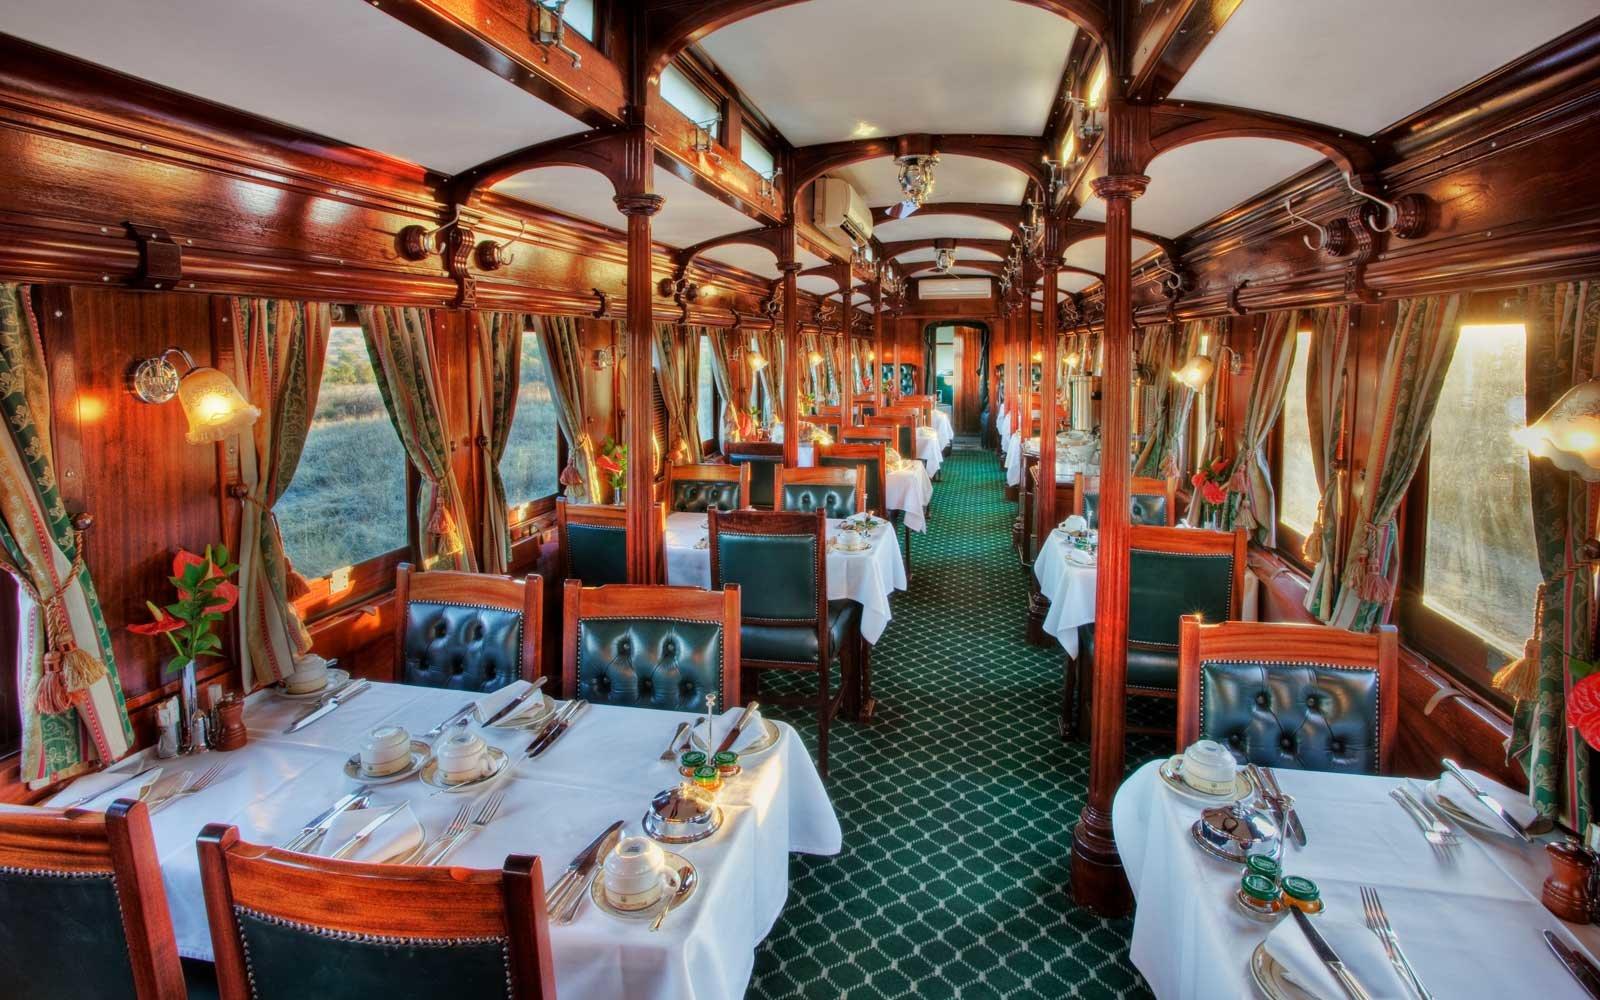 Os 12 passeios de trem mais luxuosos do mundo. Seja bem-vindo a bordo!